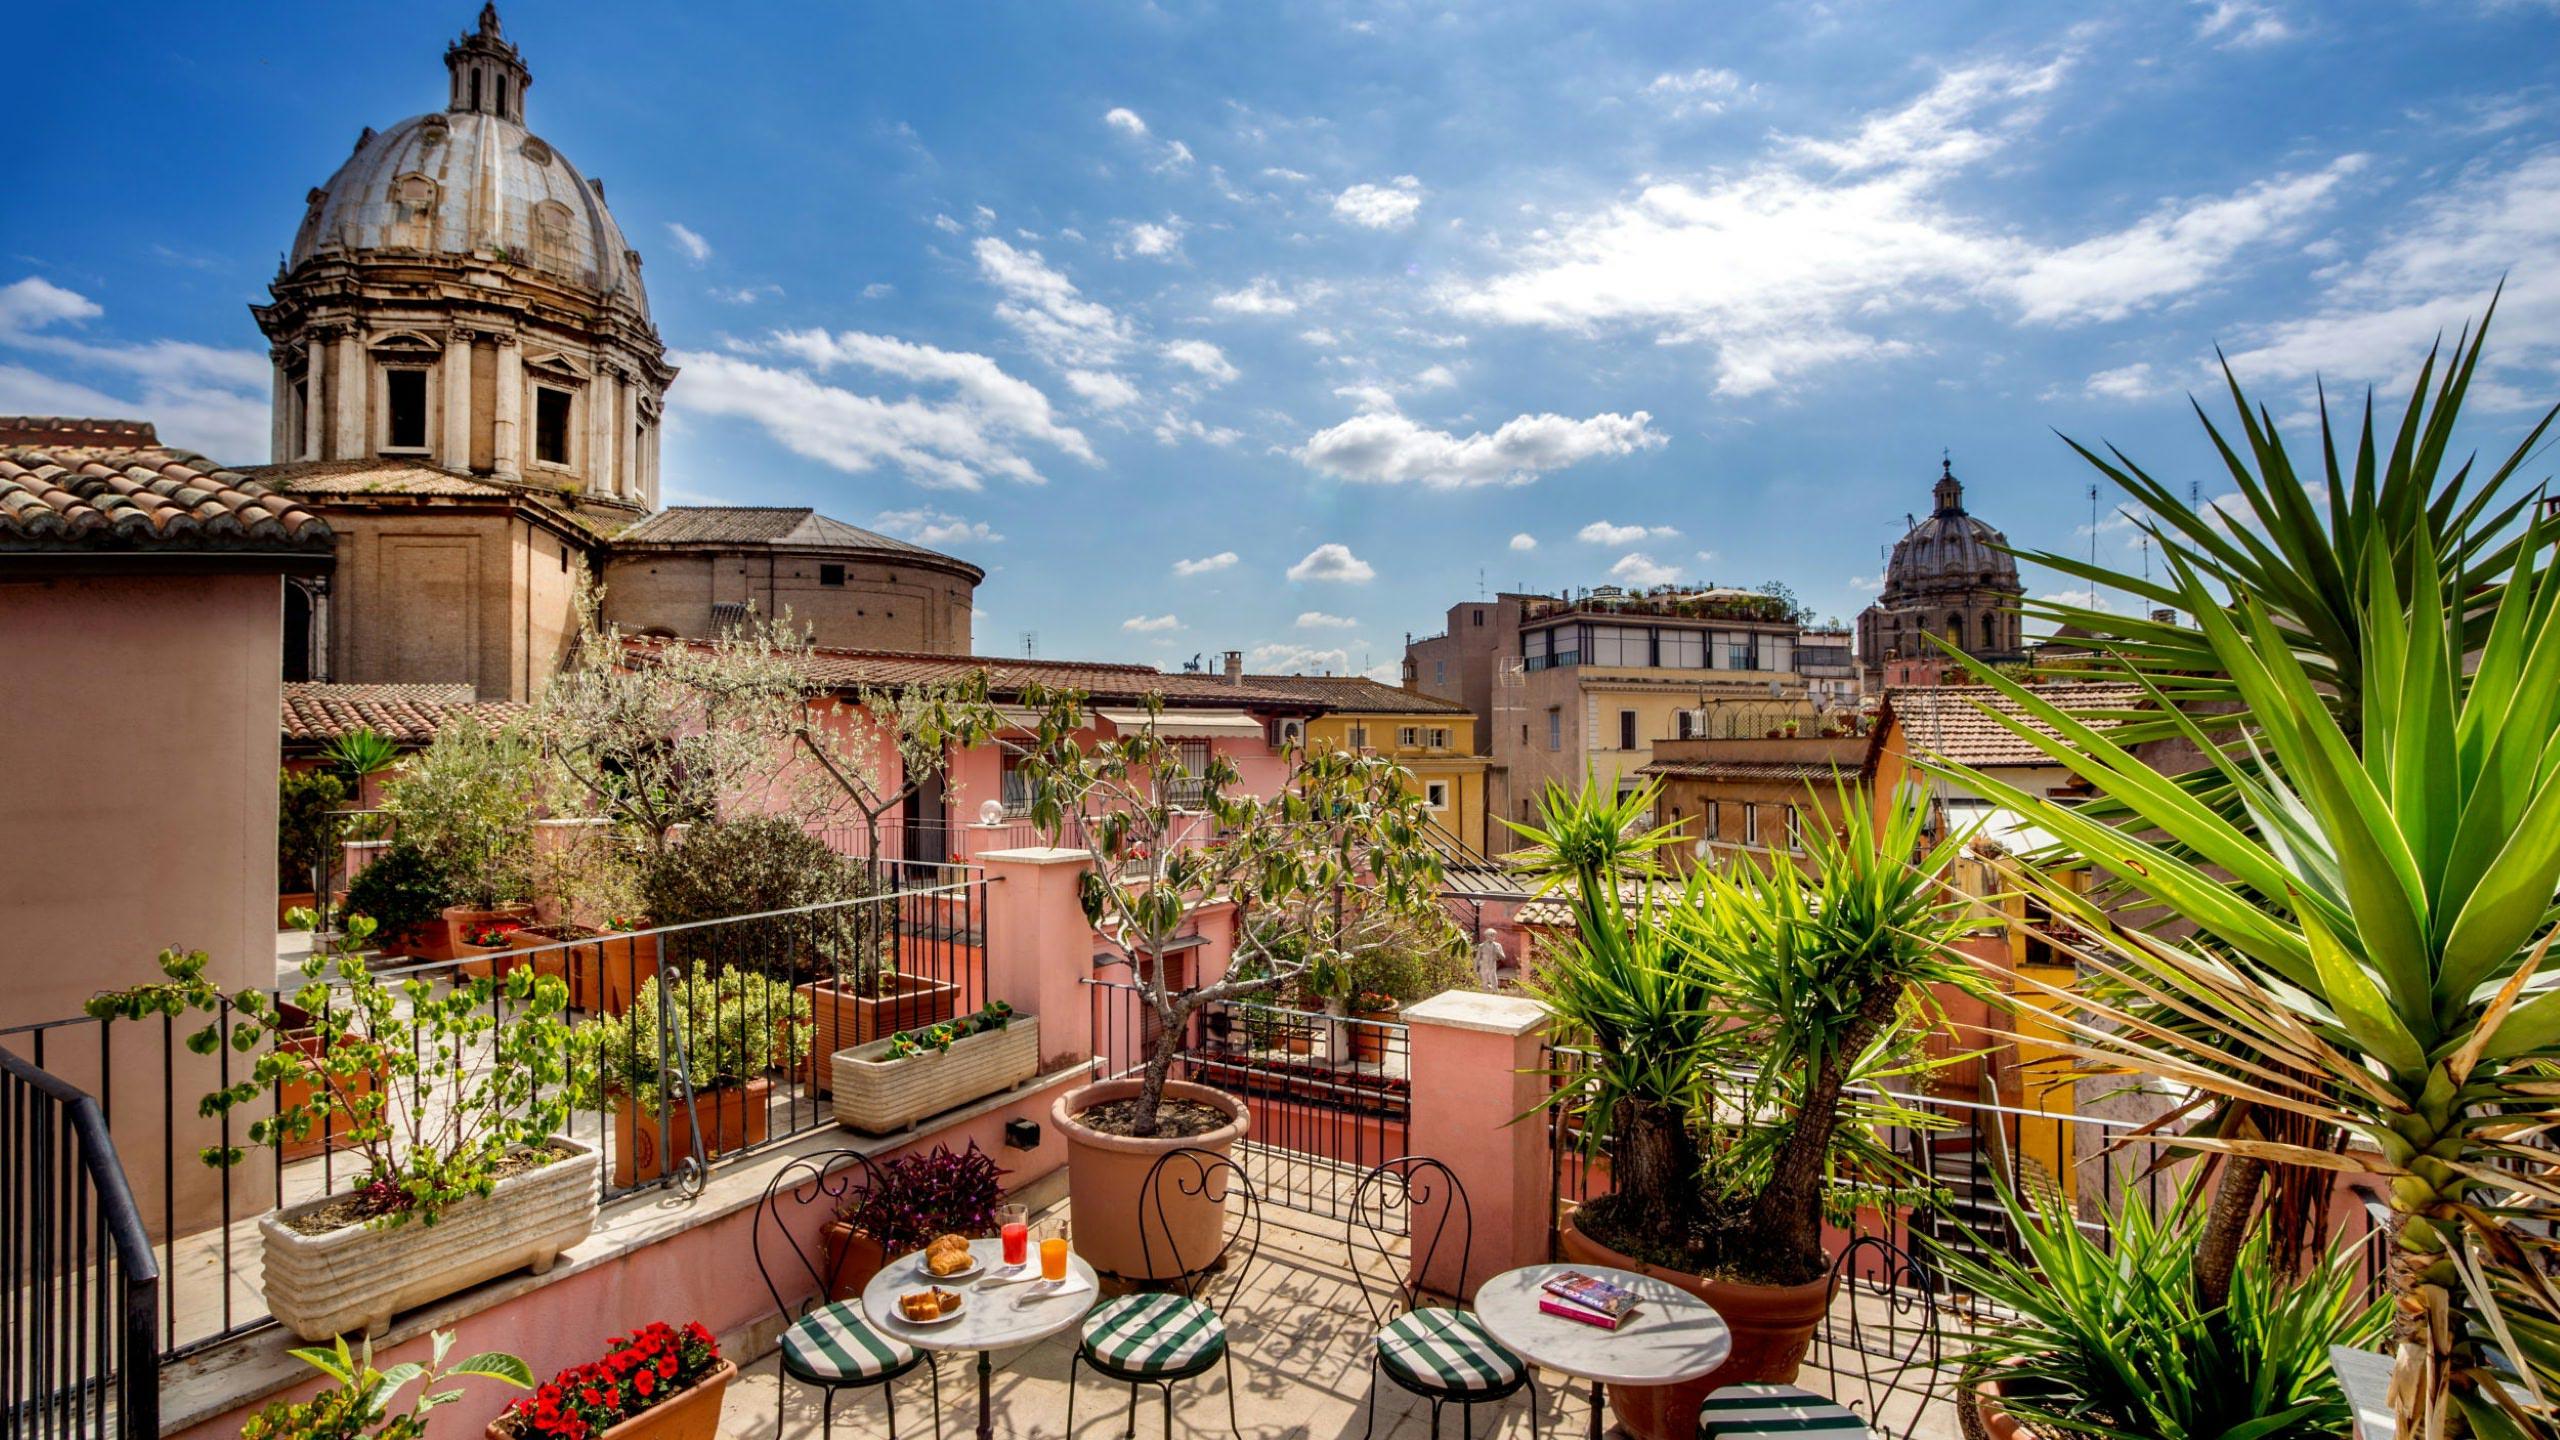 Hotel Dei Fiori Roma.Hotel Sole Rome Official Site 4l Collection Rome